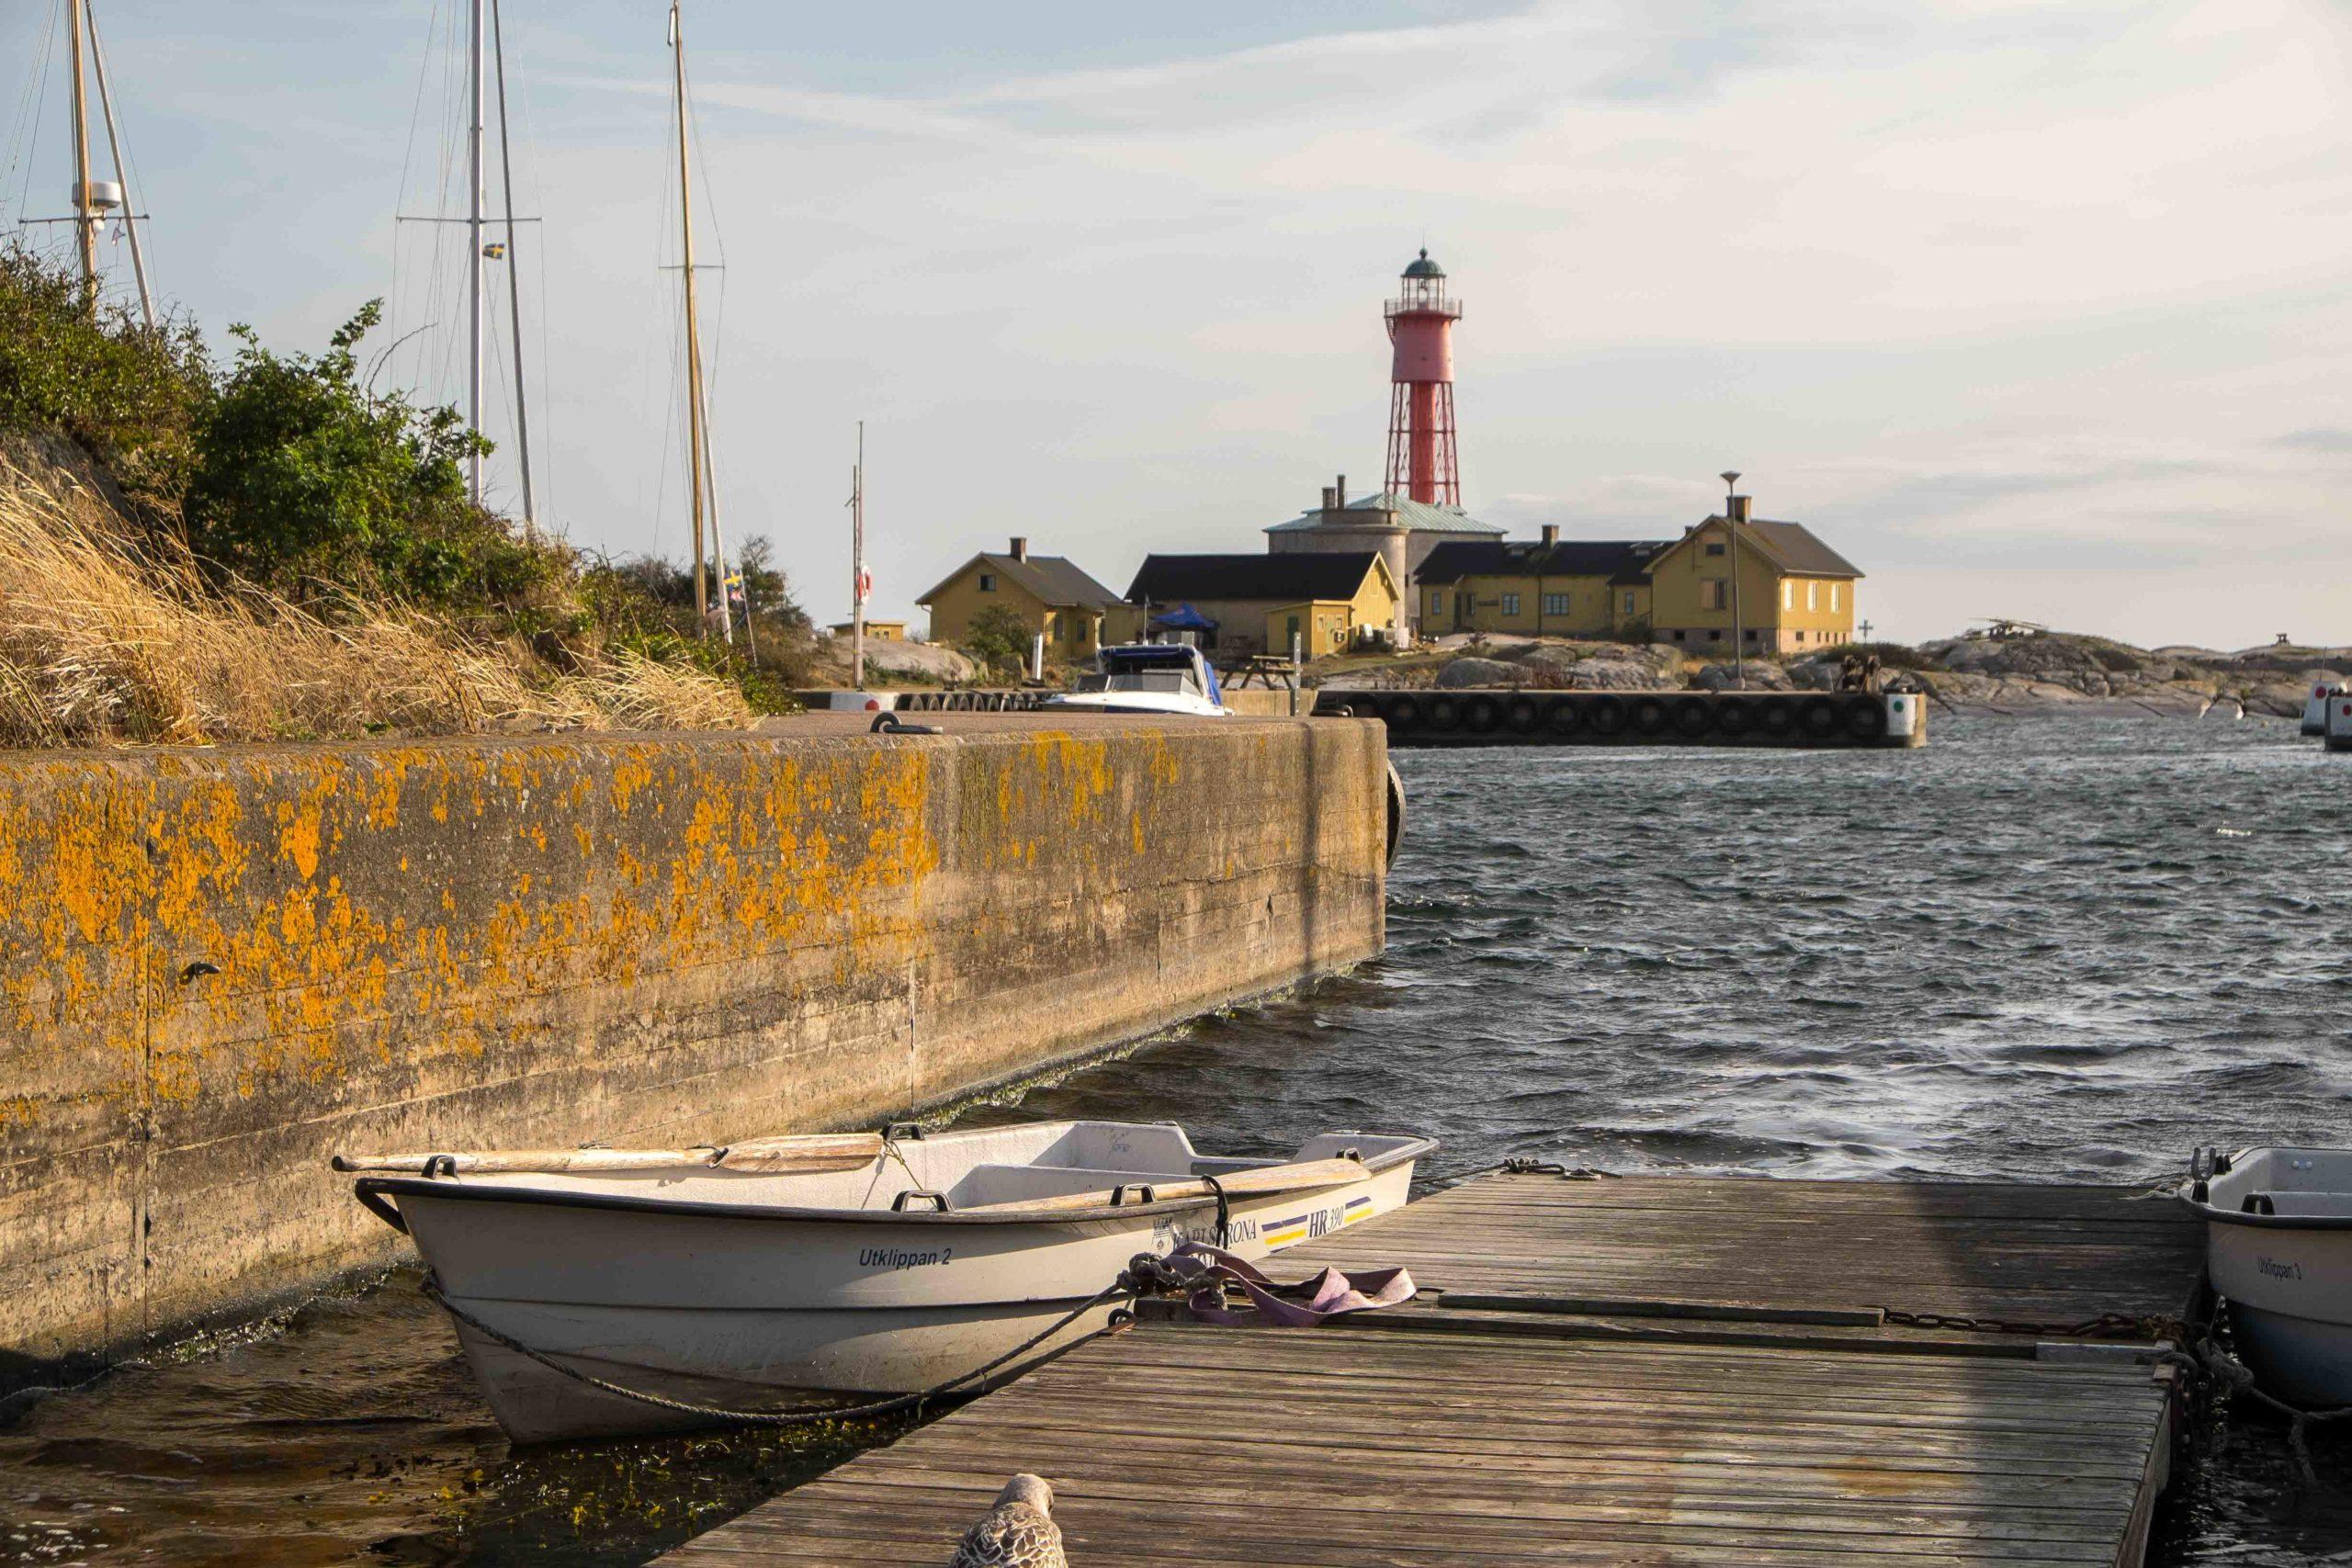 Utklippan: Ruderboot zum Übersetzen zum Jugenherberge